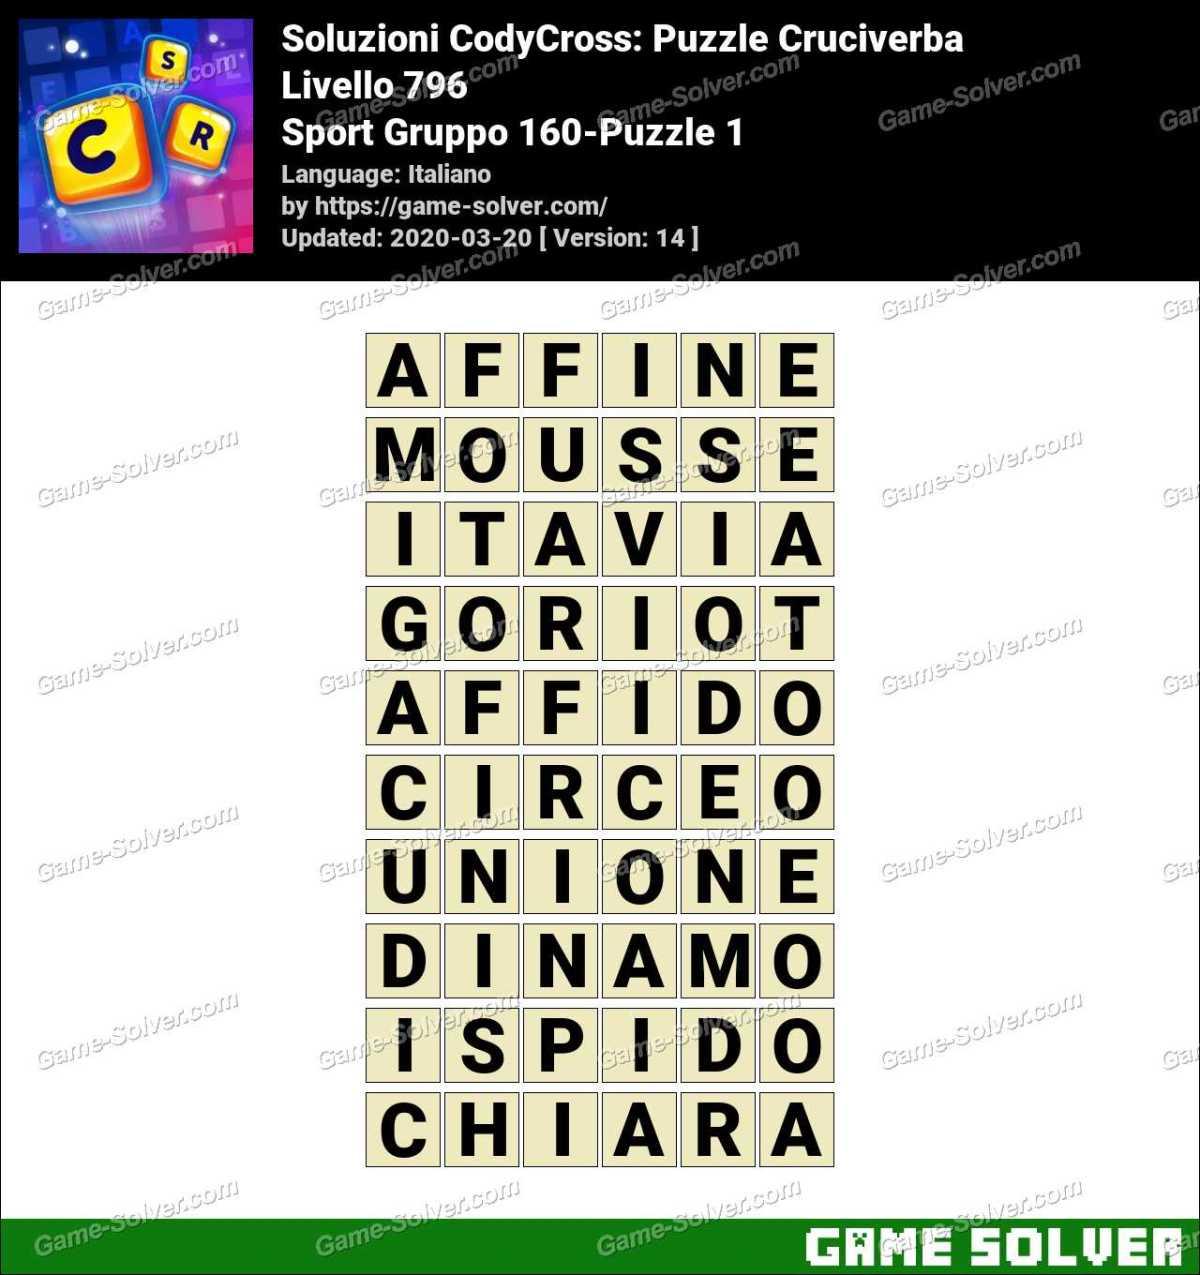 Soluzioni CodyCross Sport Gruppo 160-Puzzle 1